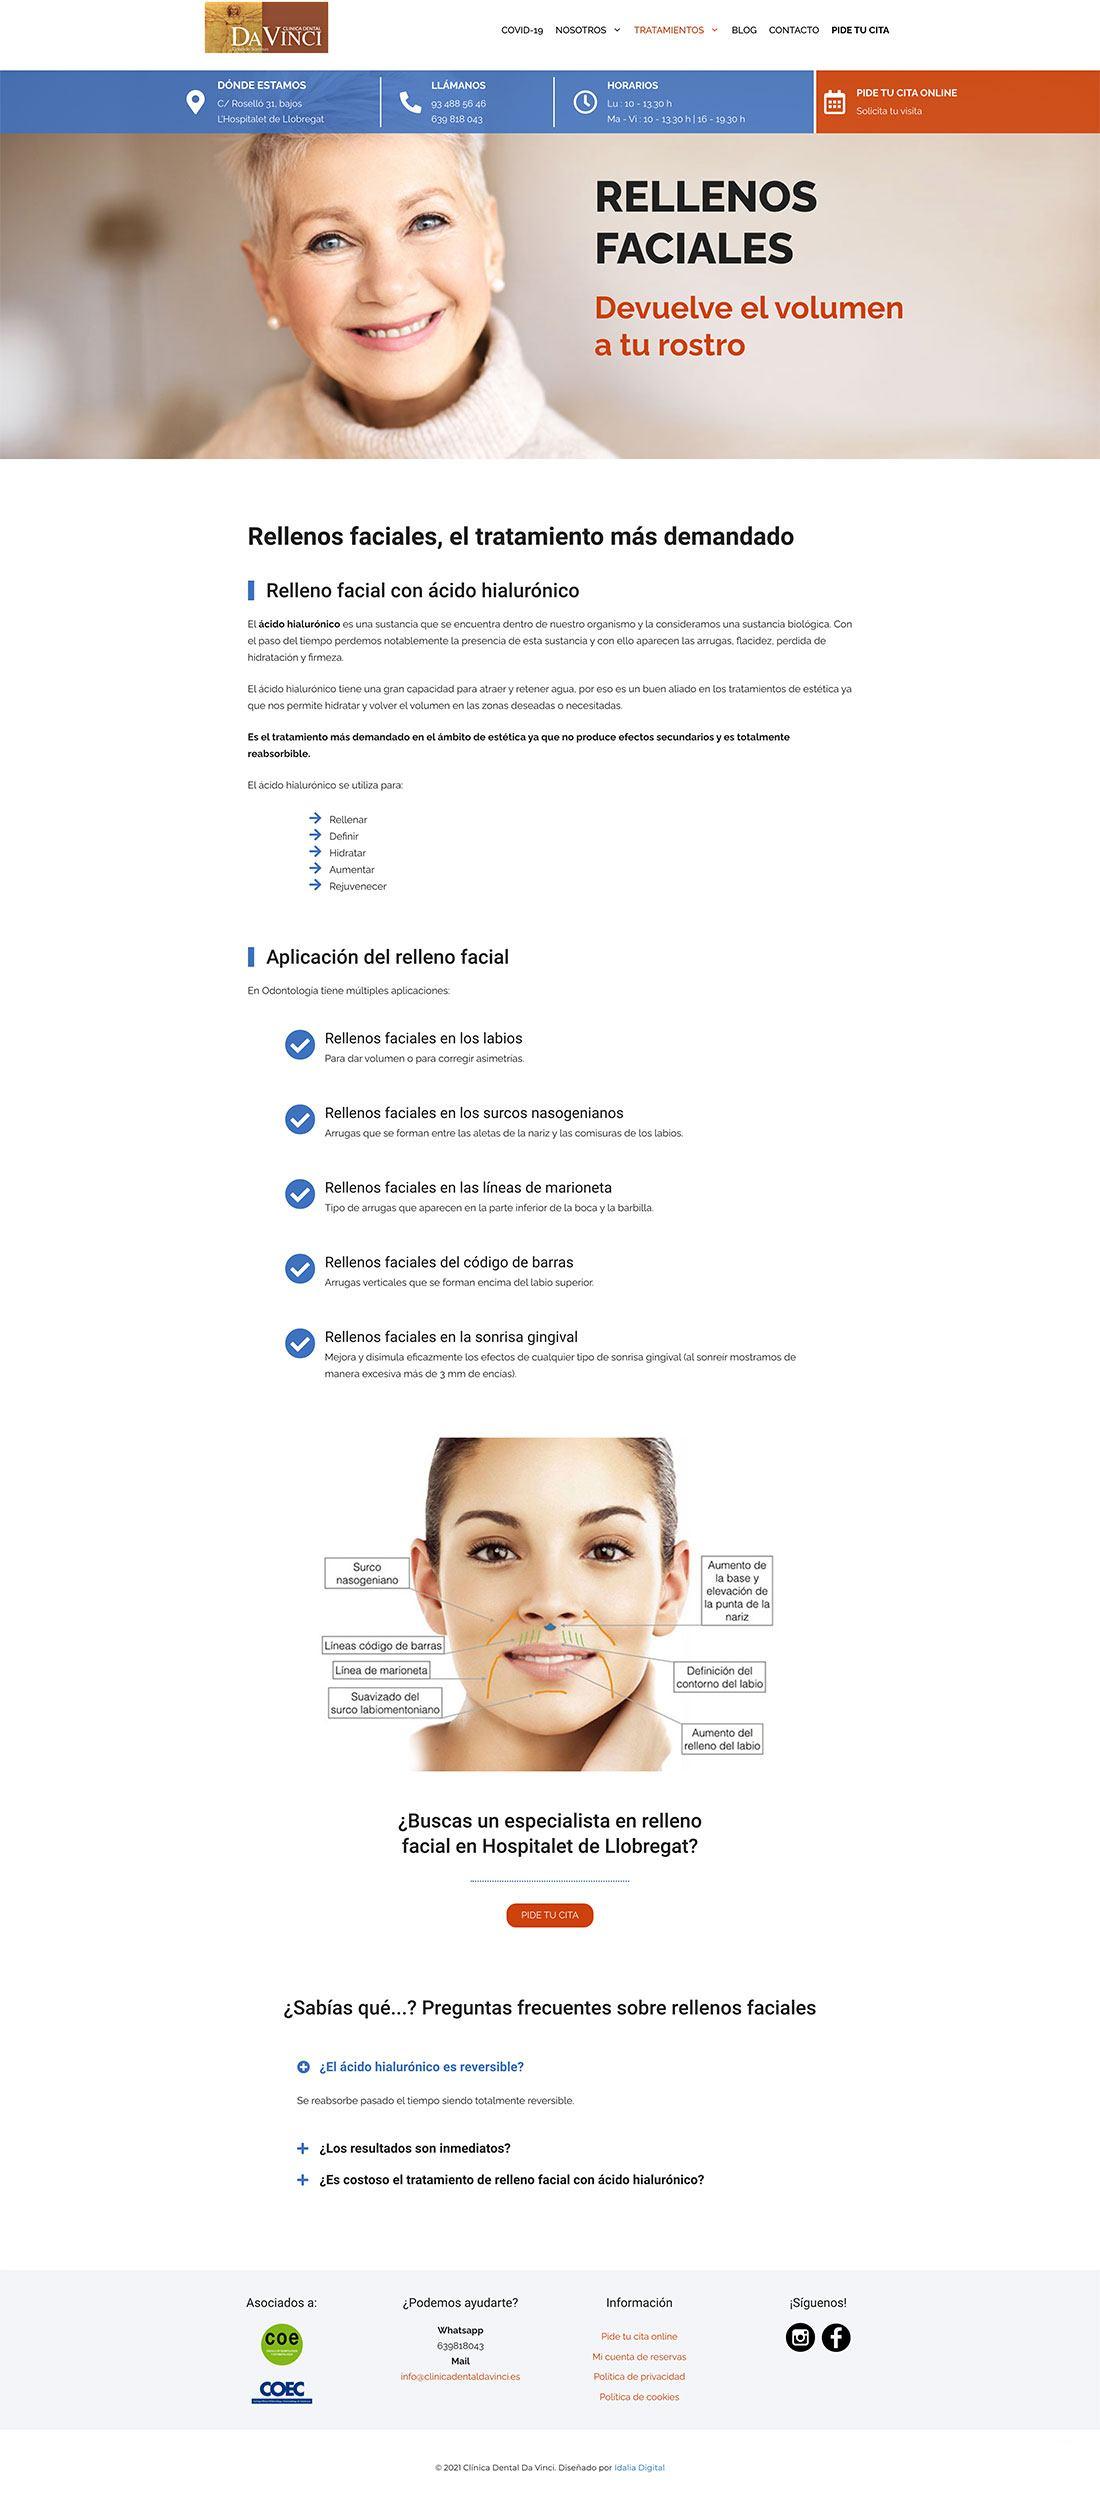 Sitio web Clínica dental da vinci